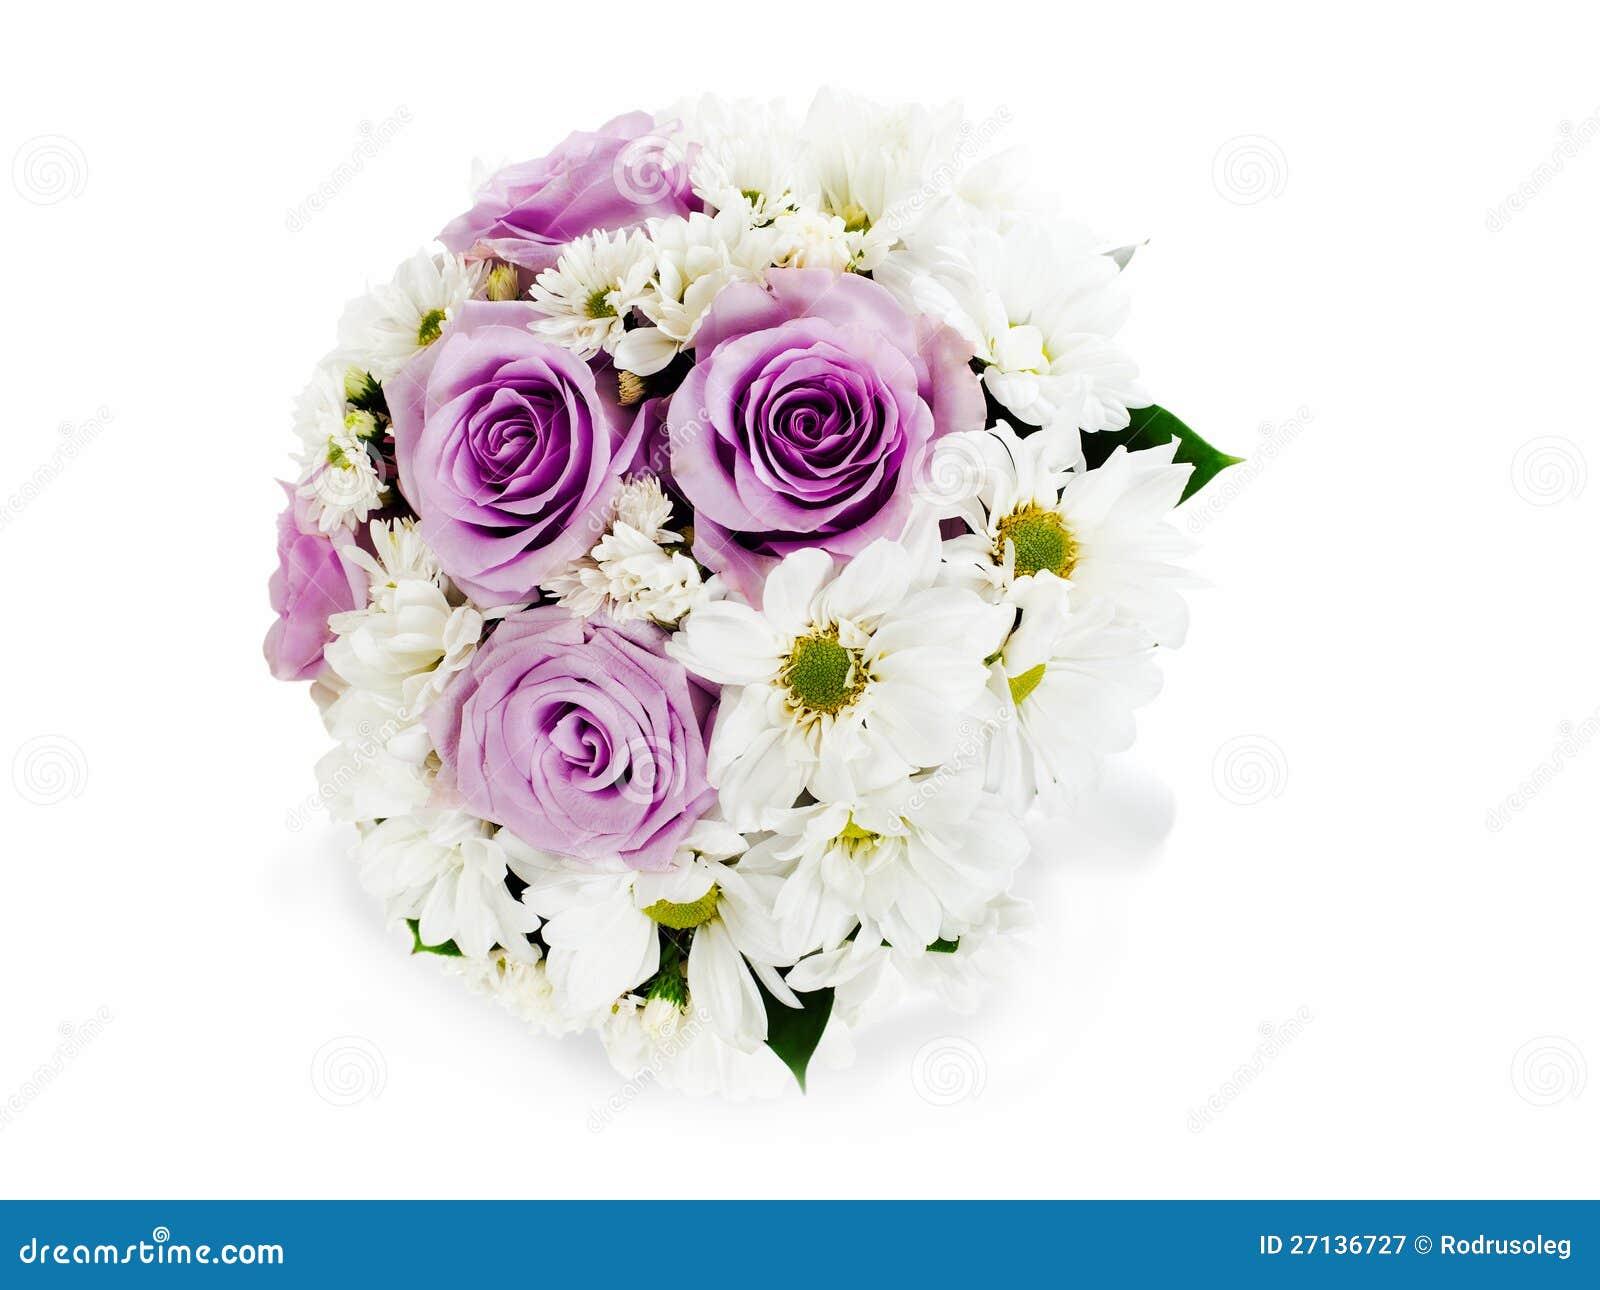 Mariage fleur for Bouquet de fleurs pour un homme